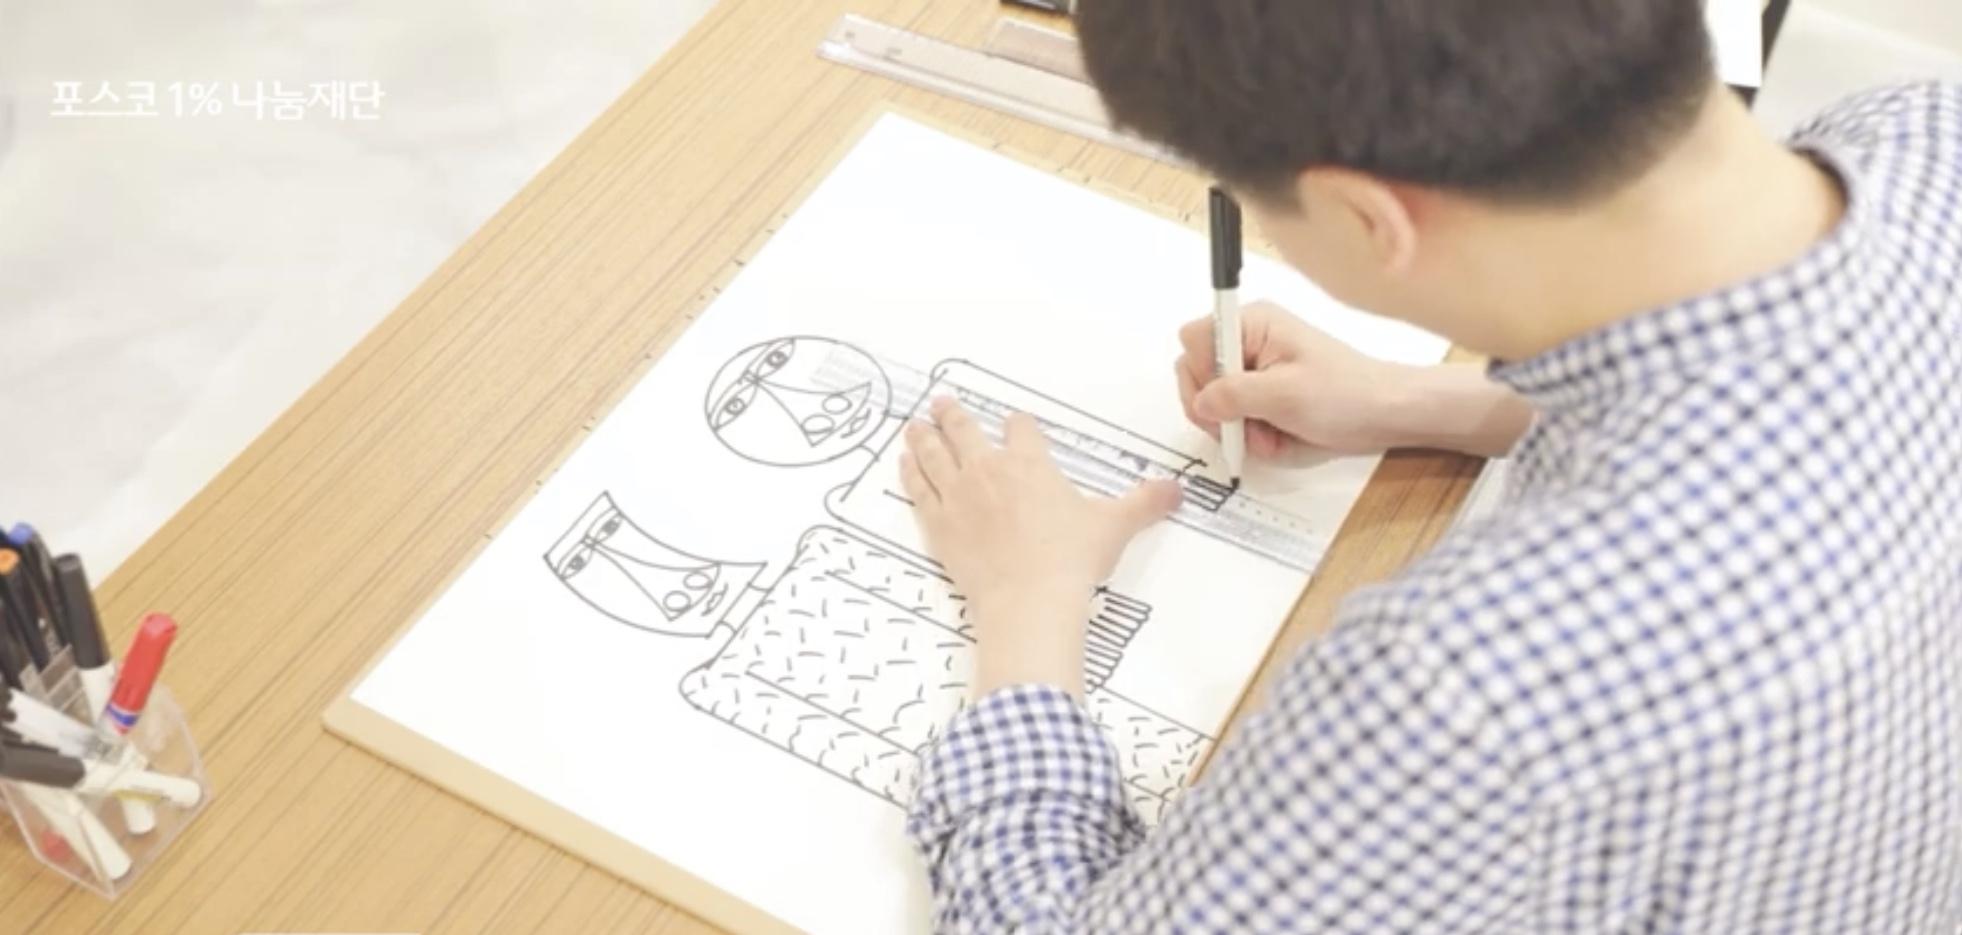 한부열 작가가 그림 작업을 하는 모습